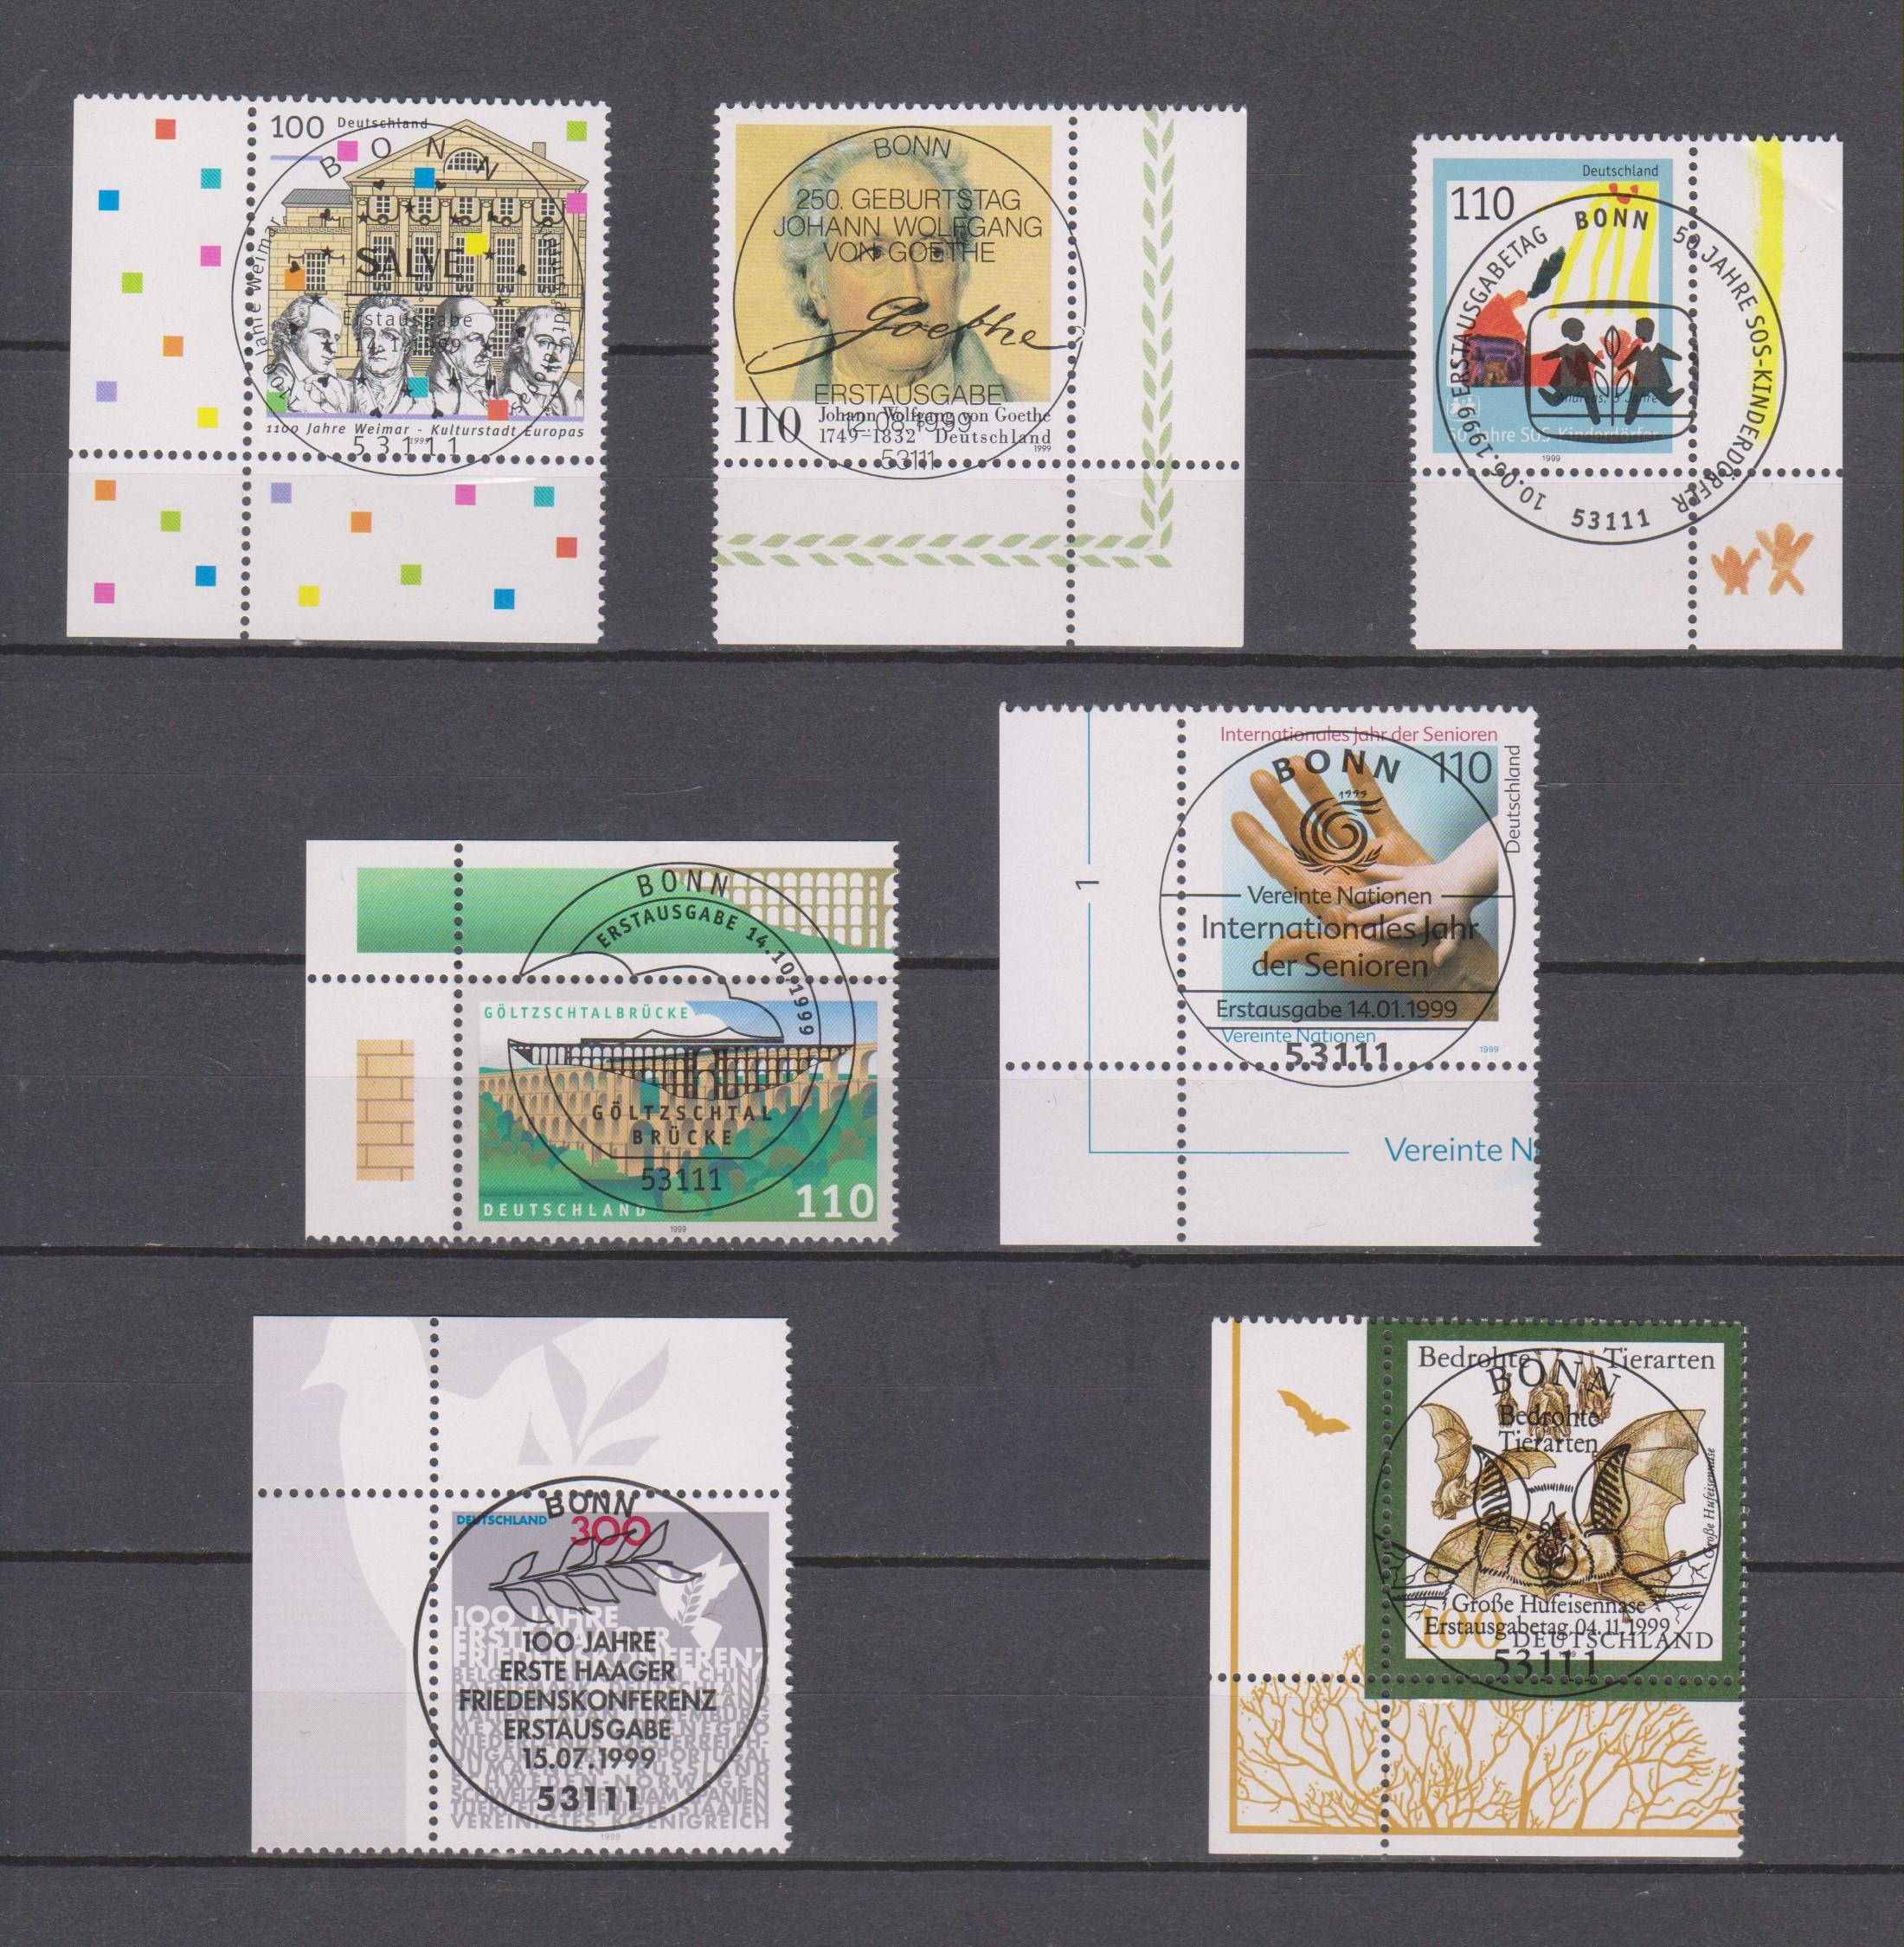 Allemagne - Sélection de timbres oblitérés FDC de 1999 - Cote €6.85